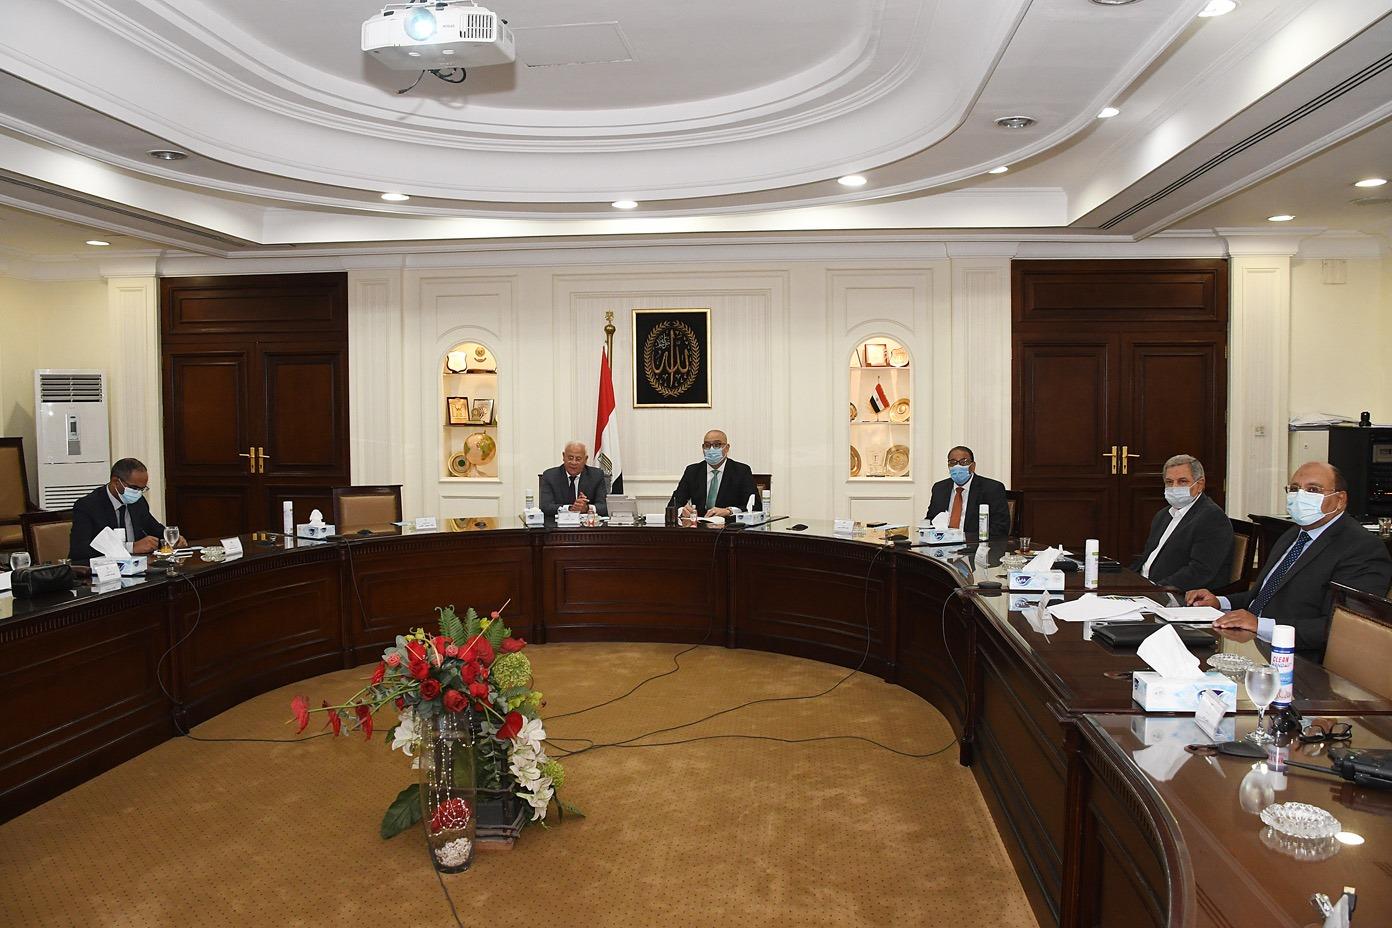 صور | وزير الإسكان ومحافظ بورسعيد يتابعان المشروعات الجاري تنفيذها بالمحافظة